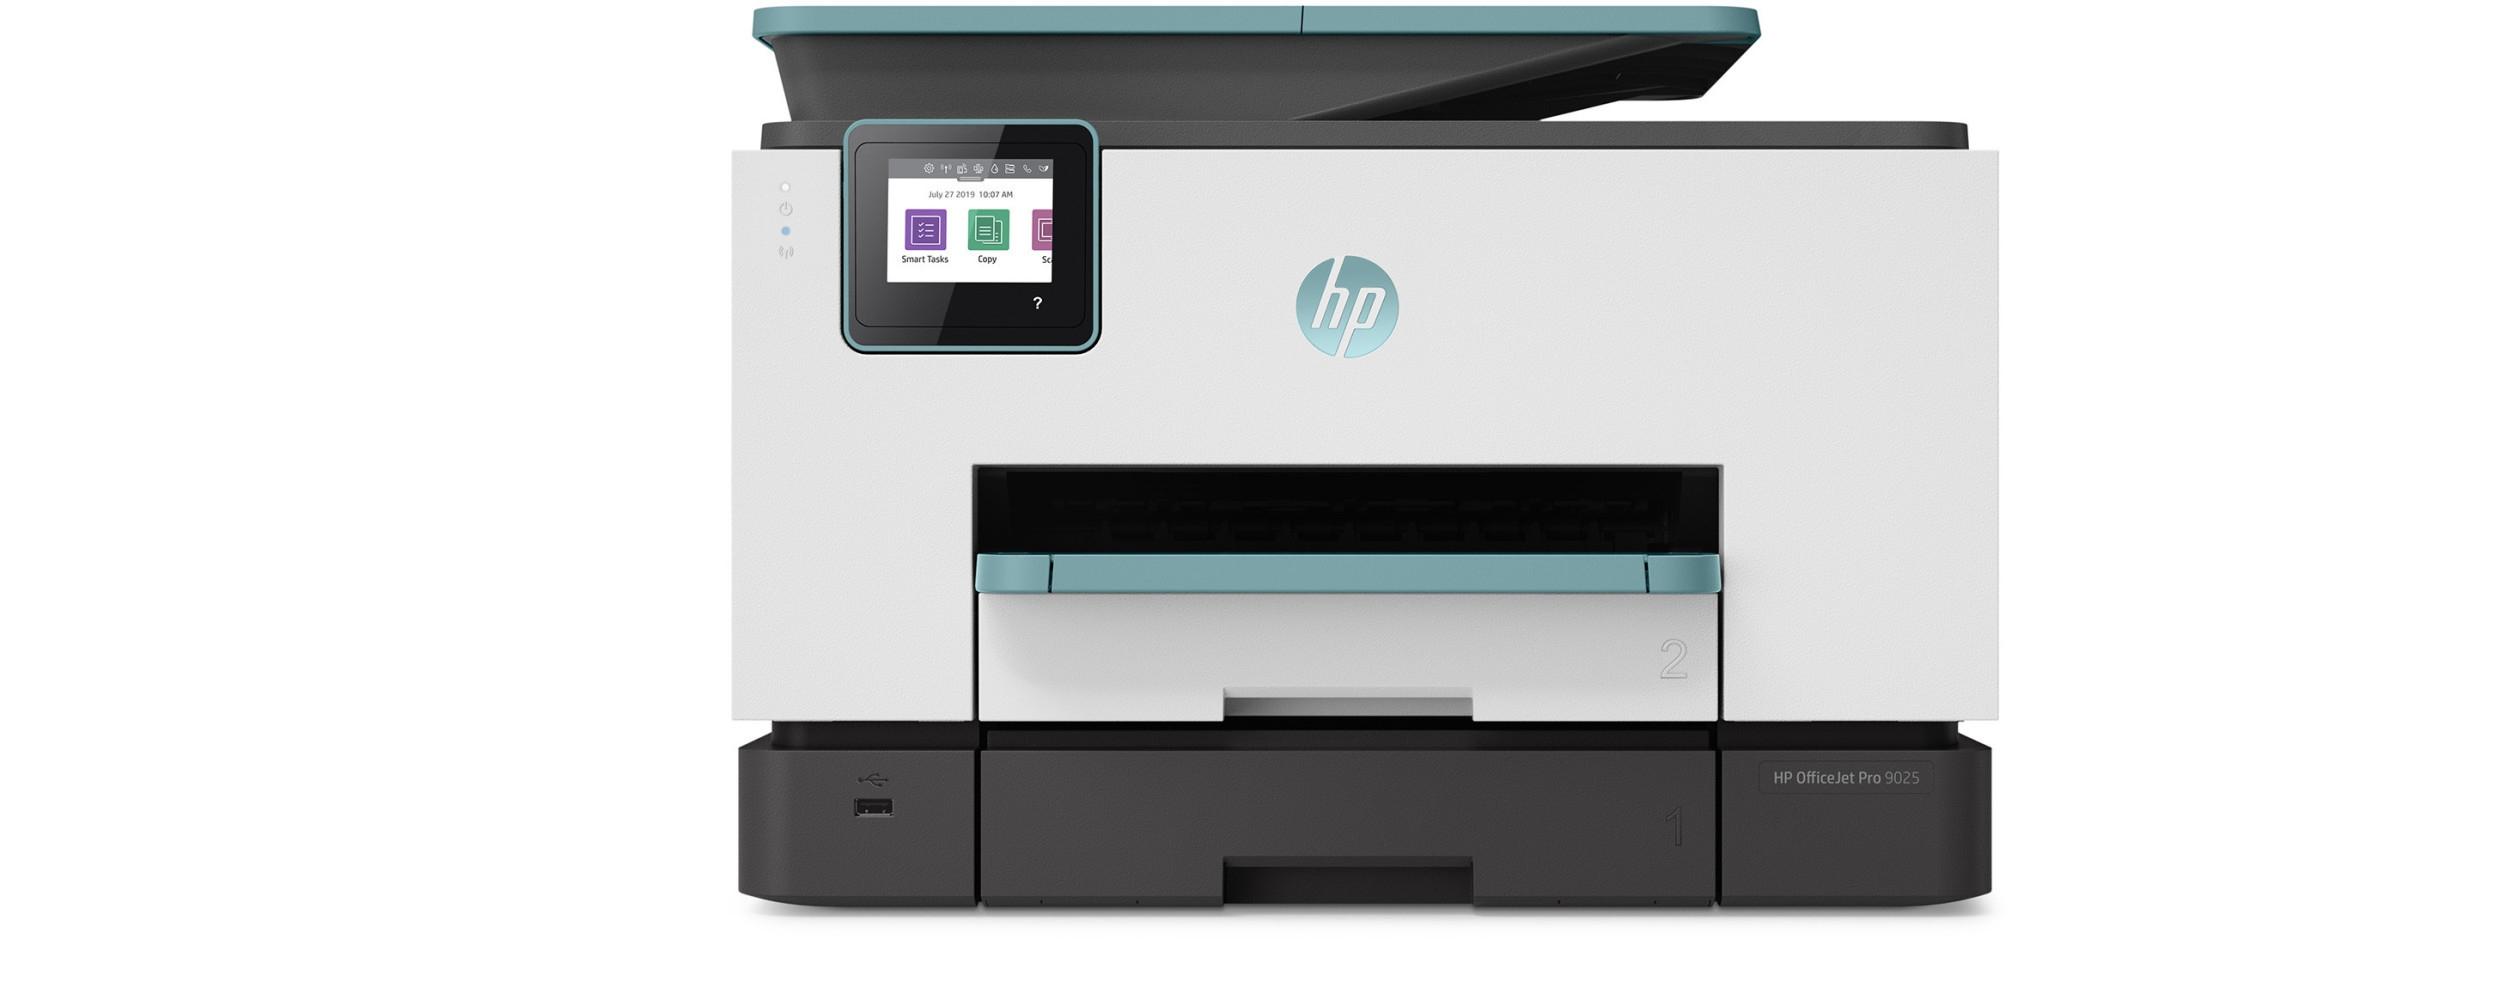 Cartuchos HP OfficeJet Pro 9025